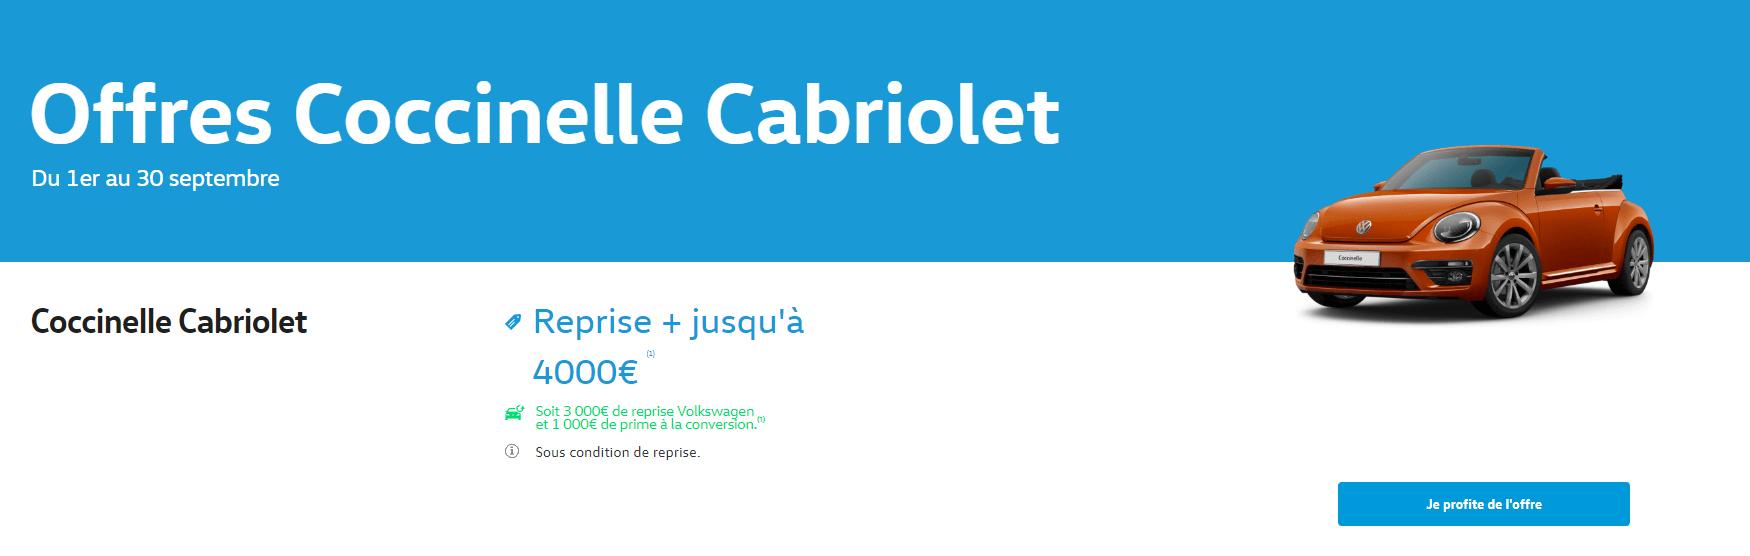 Cocinelle Cabriolet